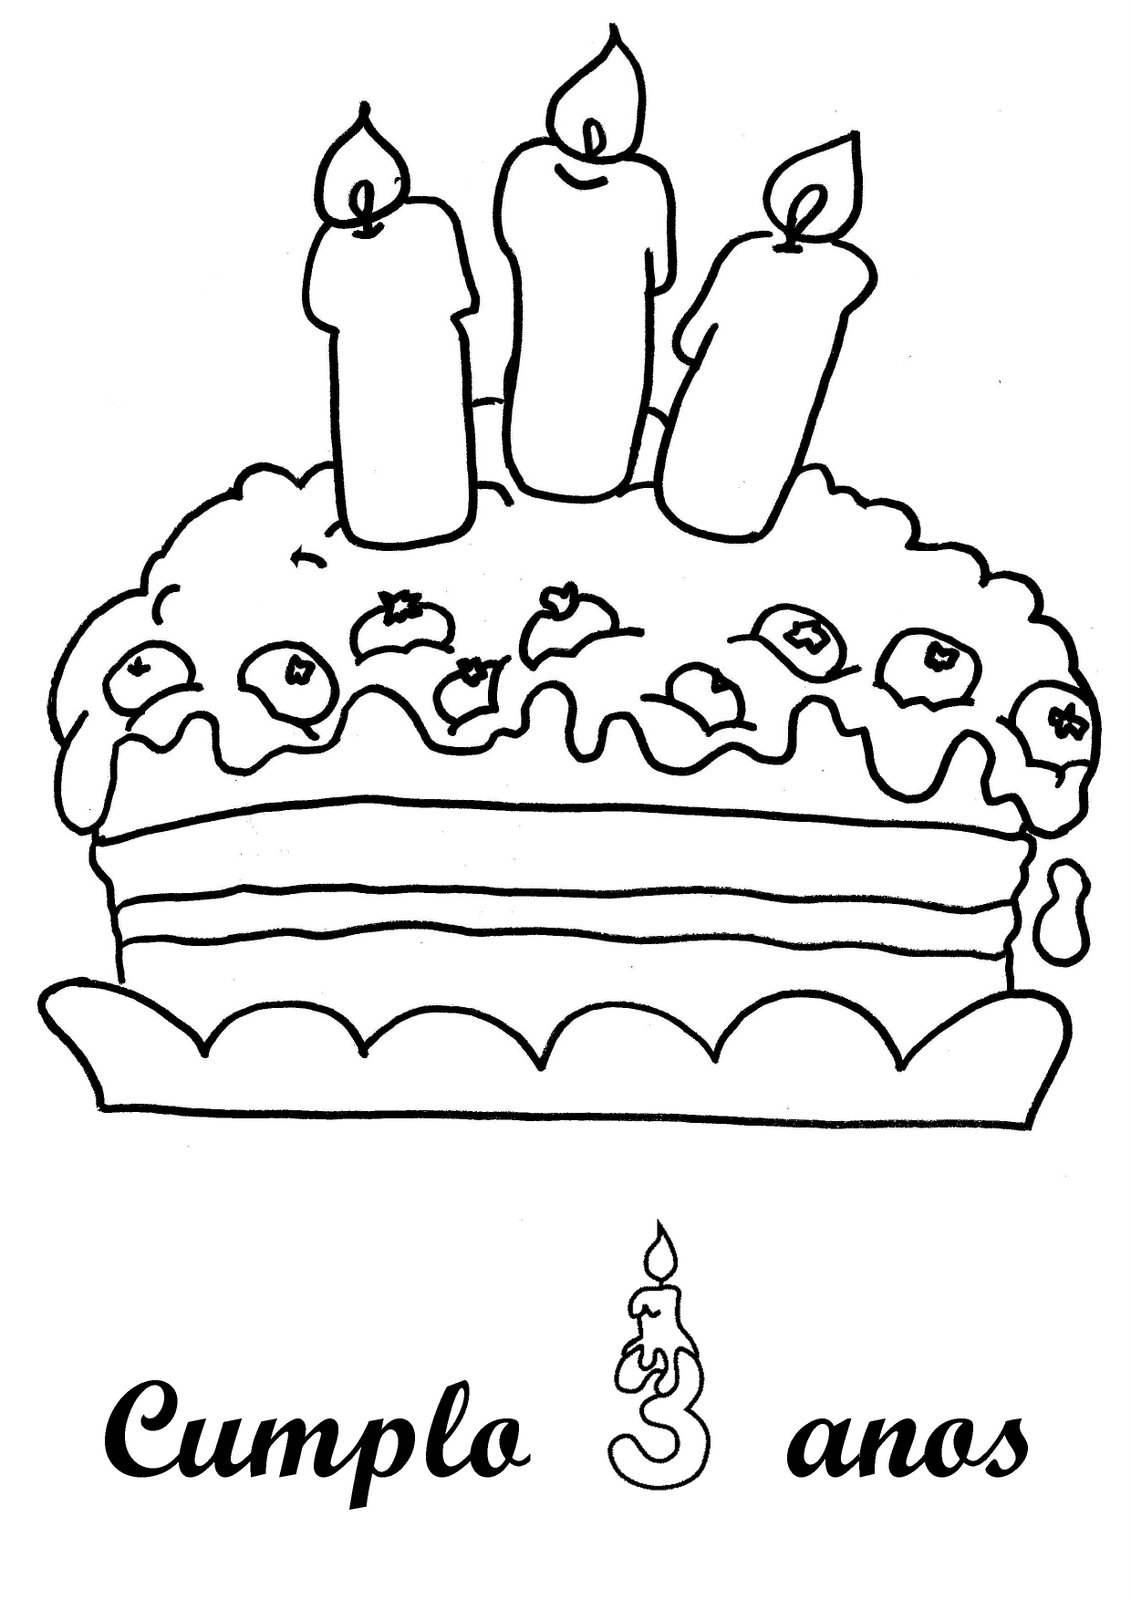 Dibujos para colorear. Fiesta de cumpleaños